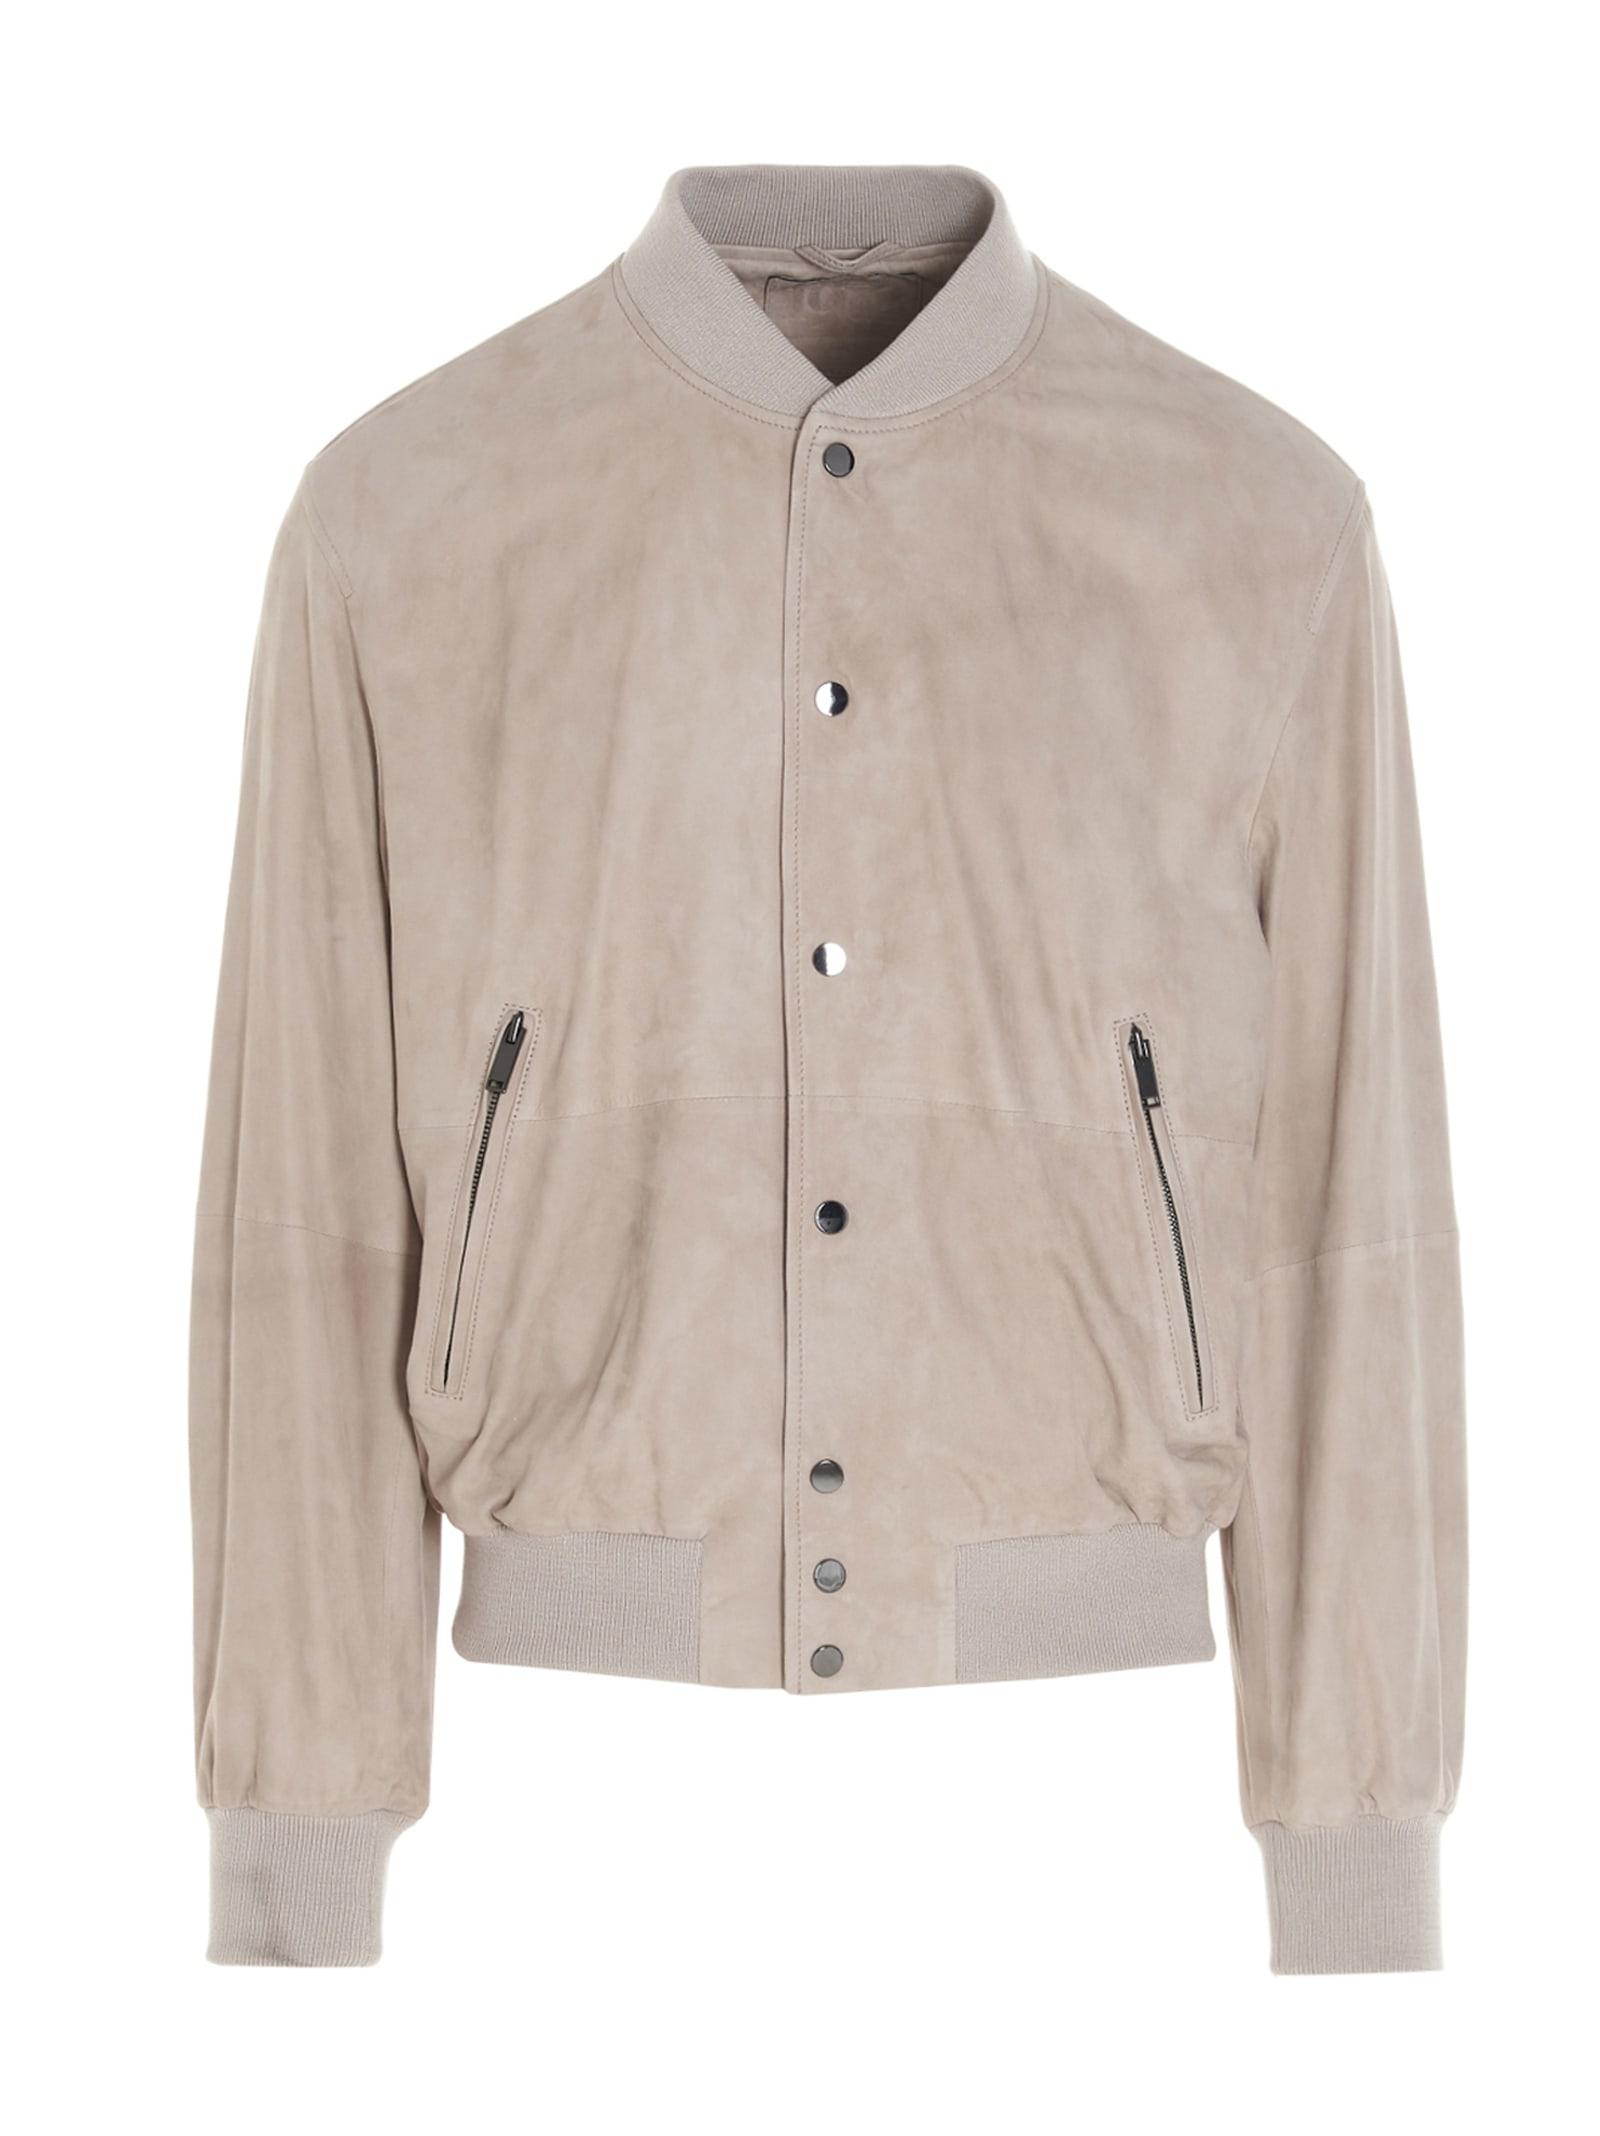 1972 eladio Jacket